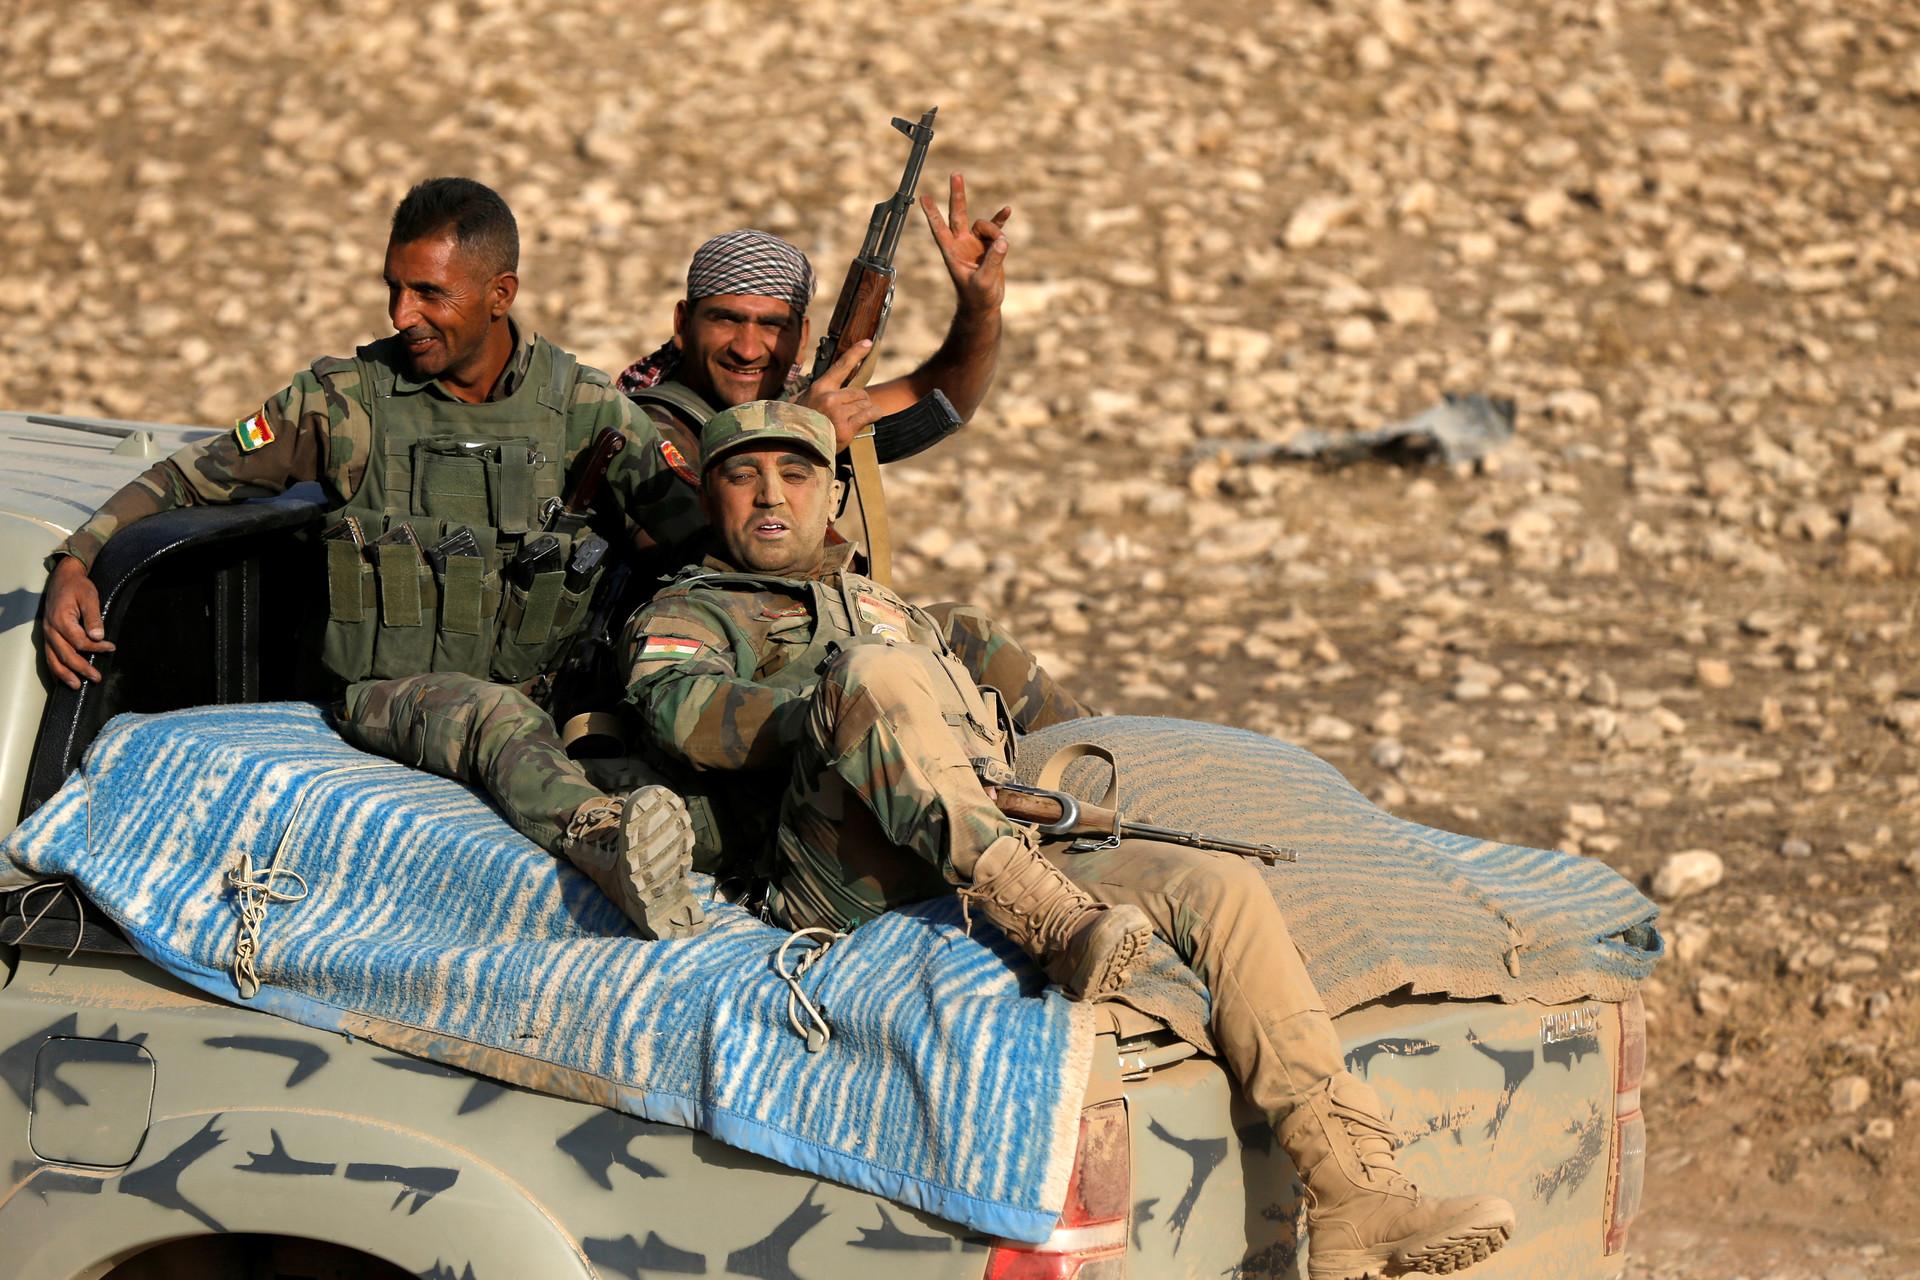 Miembros de las fuerzas kurdas de la Peshmerga sobre un vehículo en el este de Mosul, Irak, durante una operación contra el Estado Islámico, el 18 de octubre de 2016.